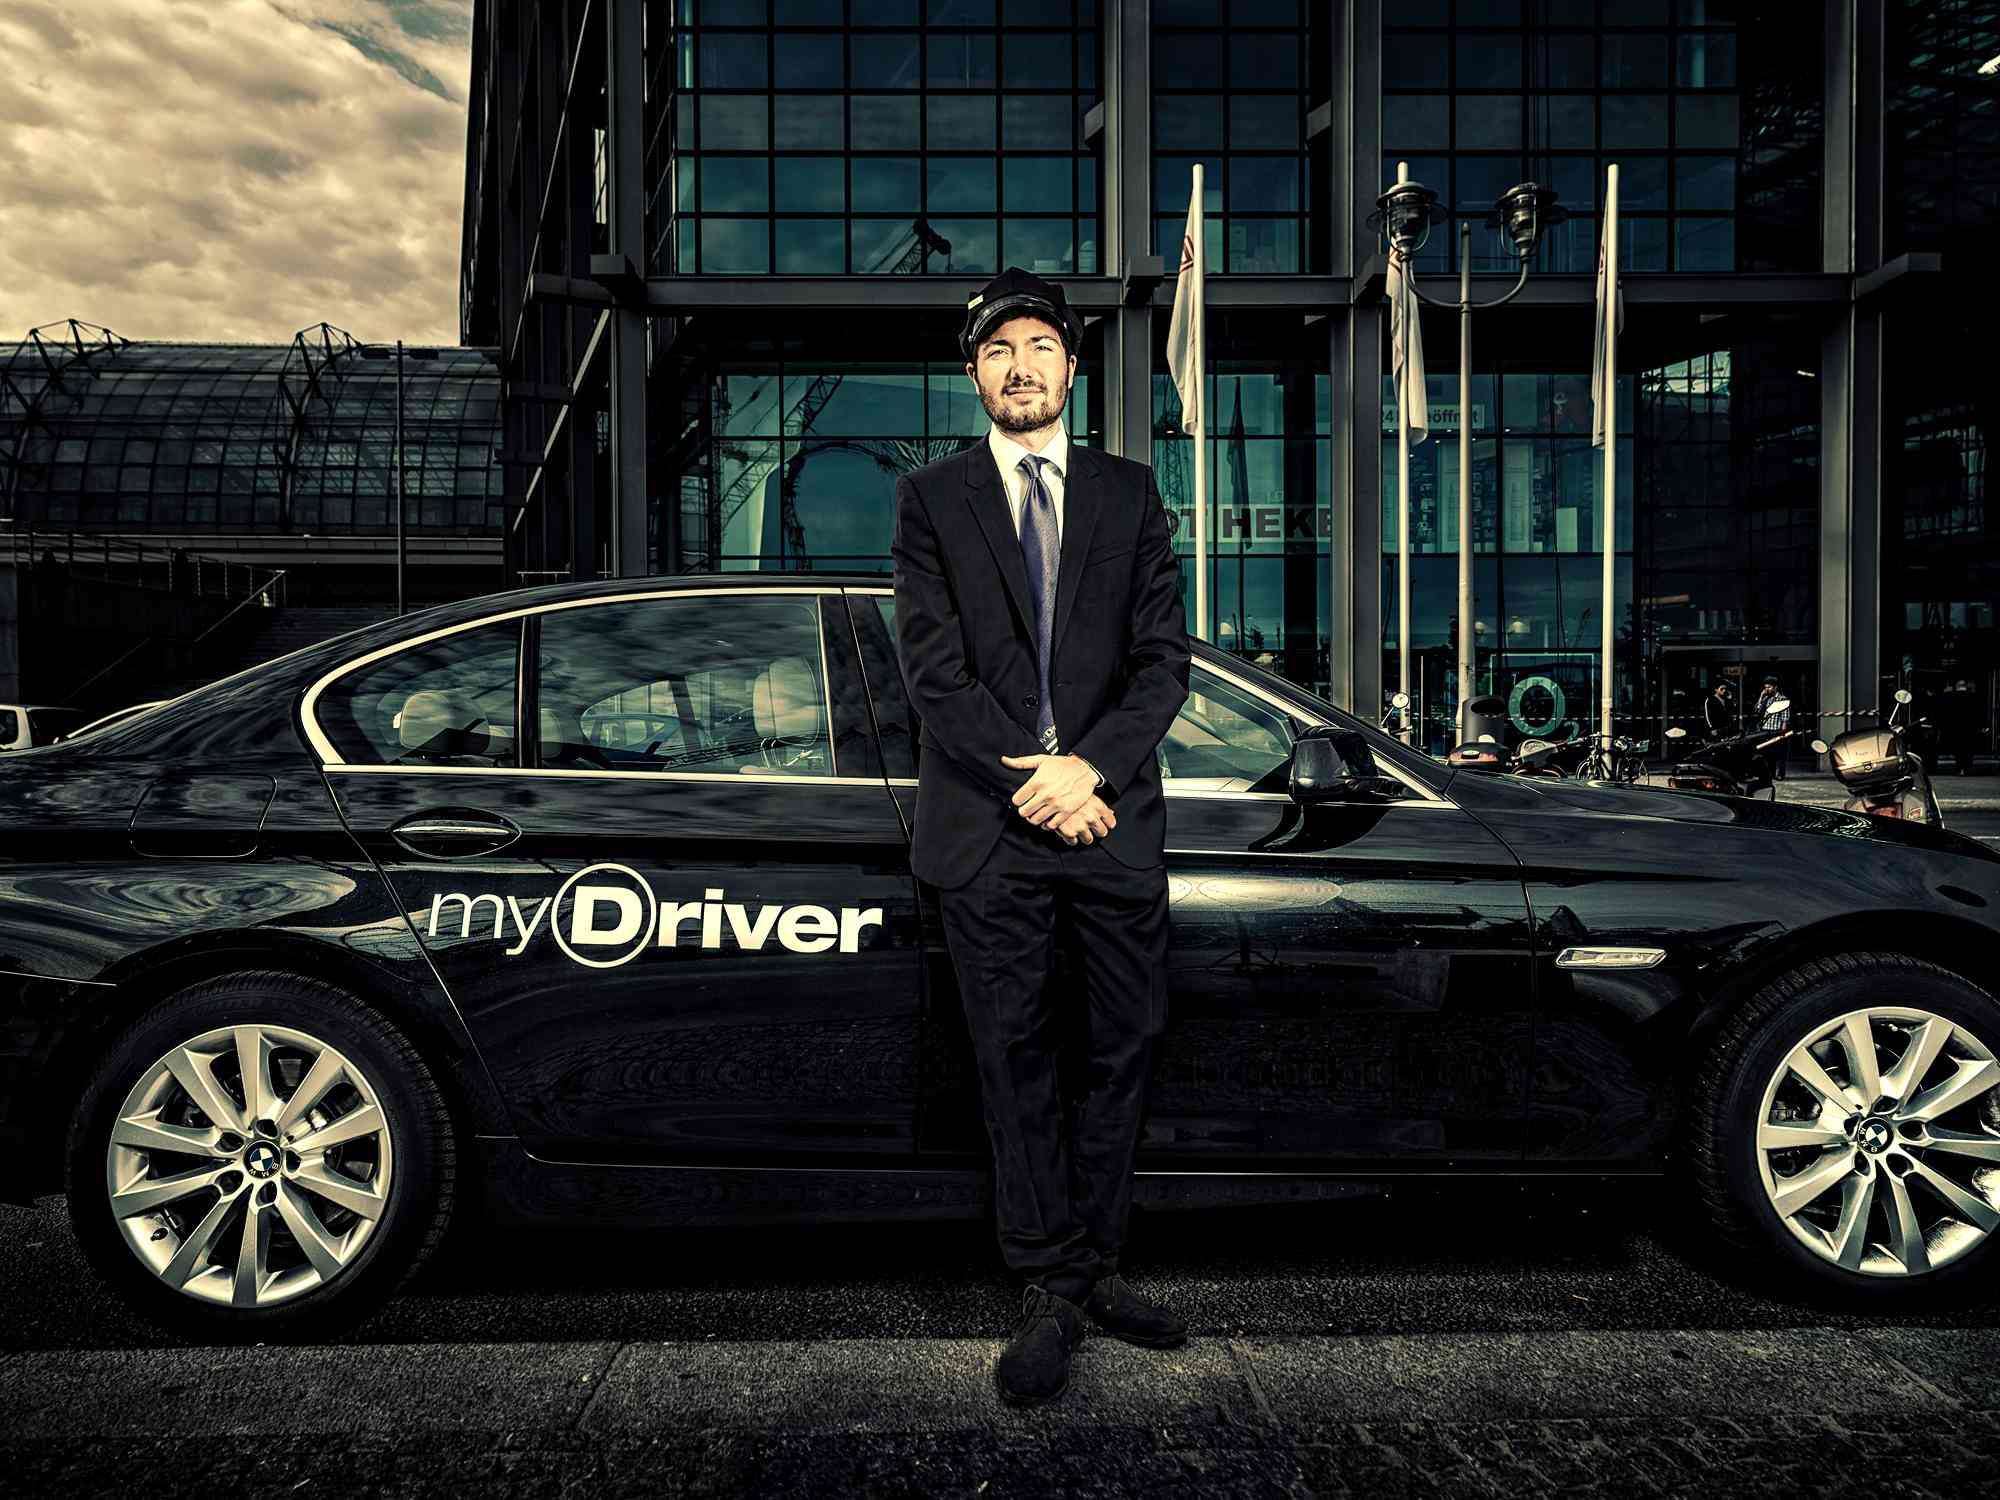 yDriver verfügt über eigenen Pool an Fahrzeugen und Fahrern